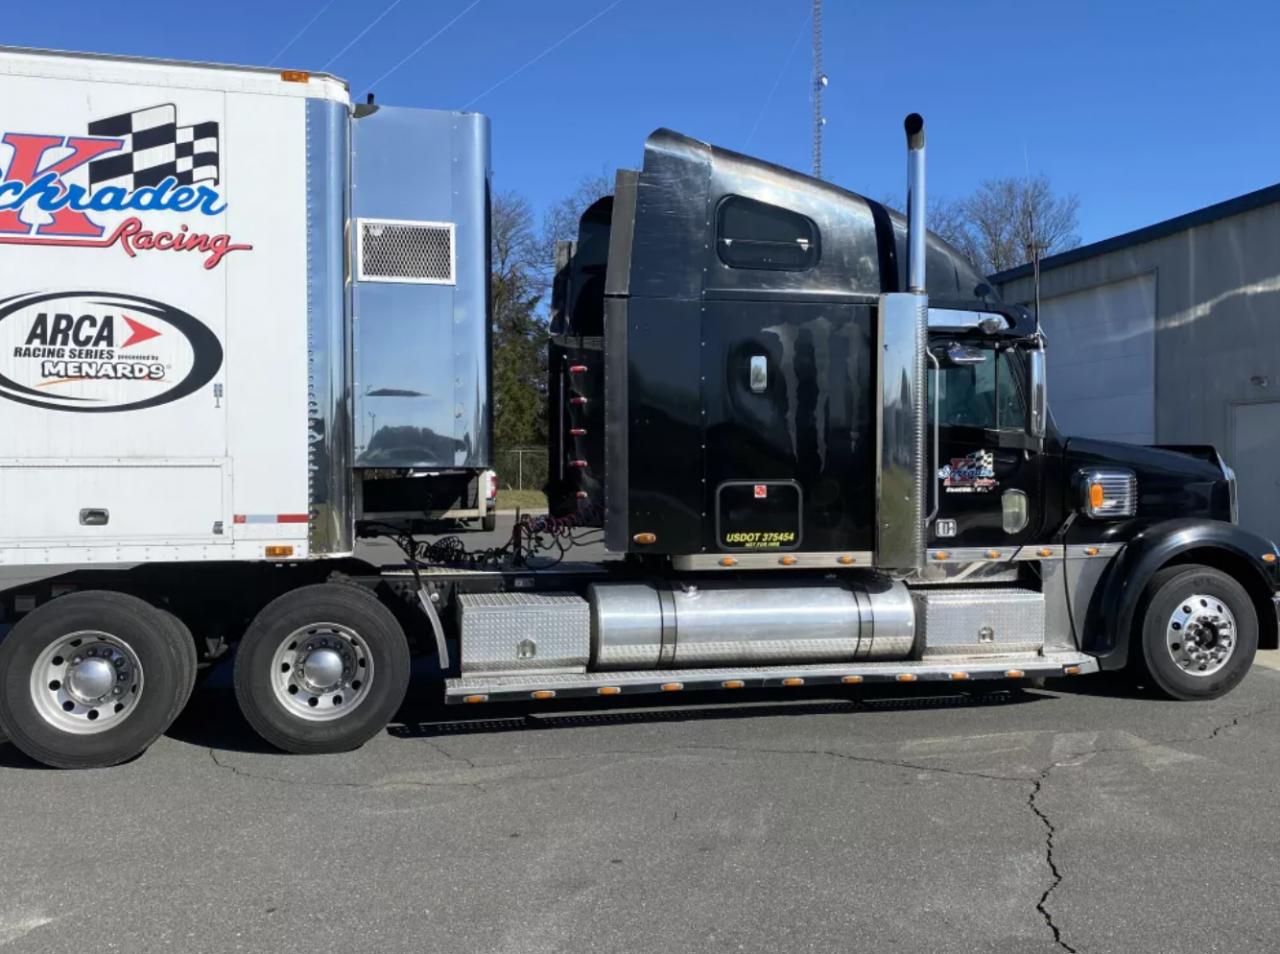 Racing hauler for sale